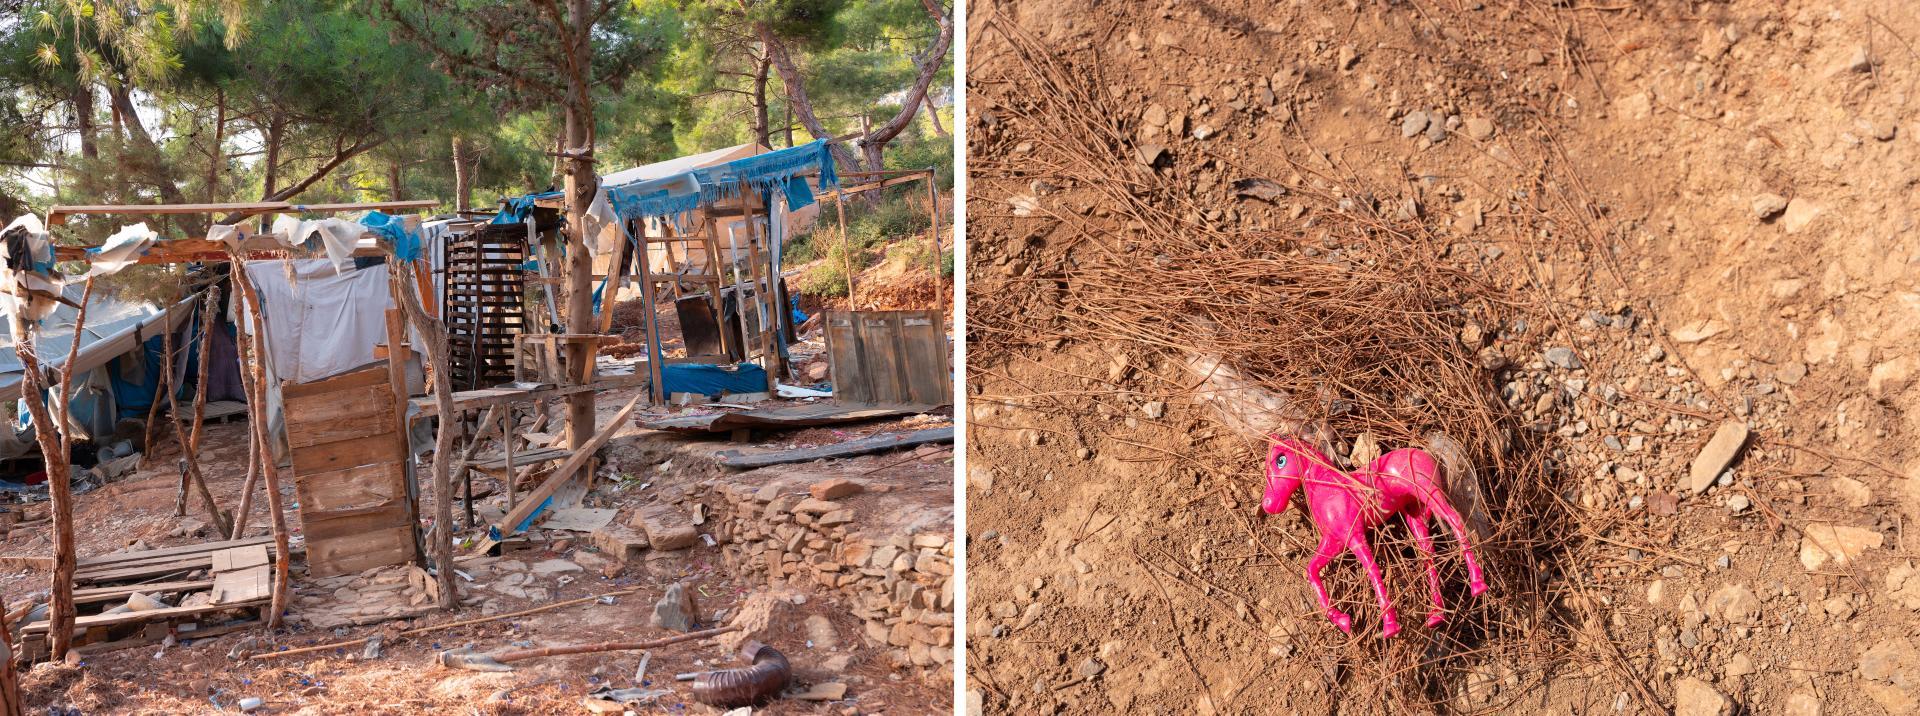 Restes d'une maison (à gauche) et jouet perdu (à droite) dans l'ancien camp de migrants non officiel de Vathy, sur l'île de Samos, en Grèce, le 18 septembre 2021.